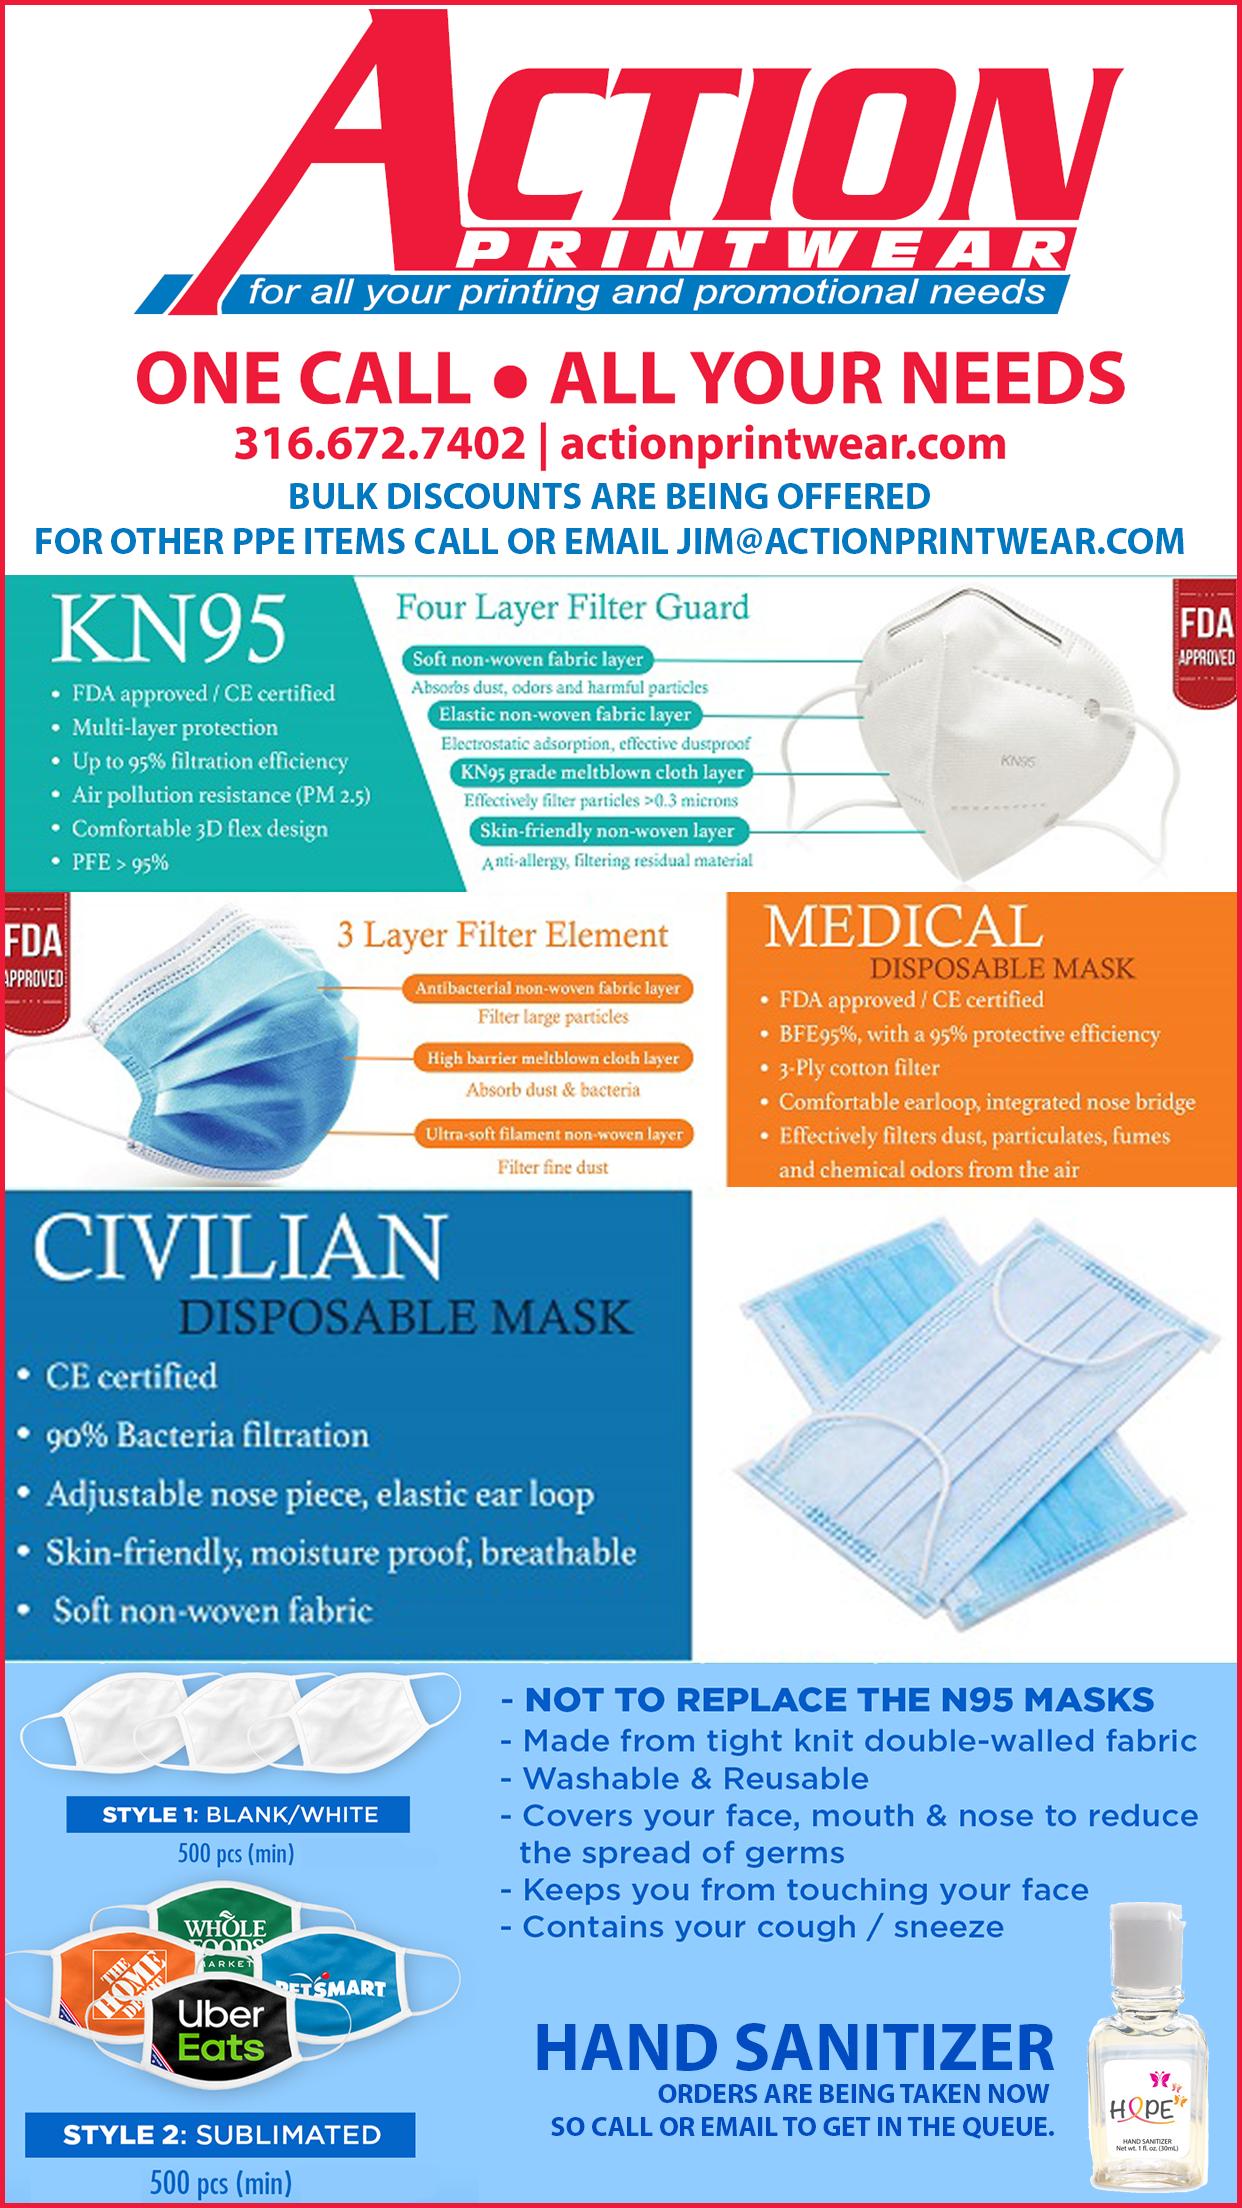 KN95, Medical, and Civilian Masks